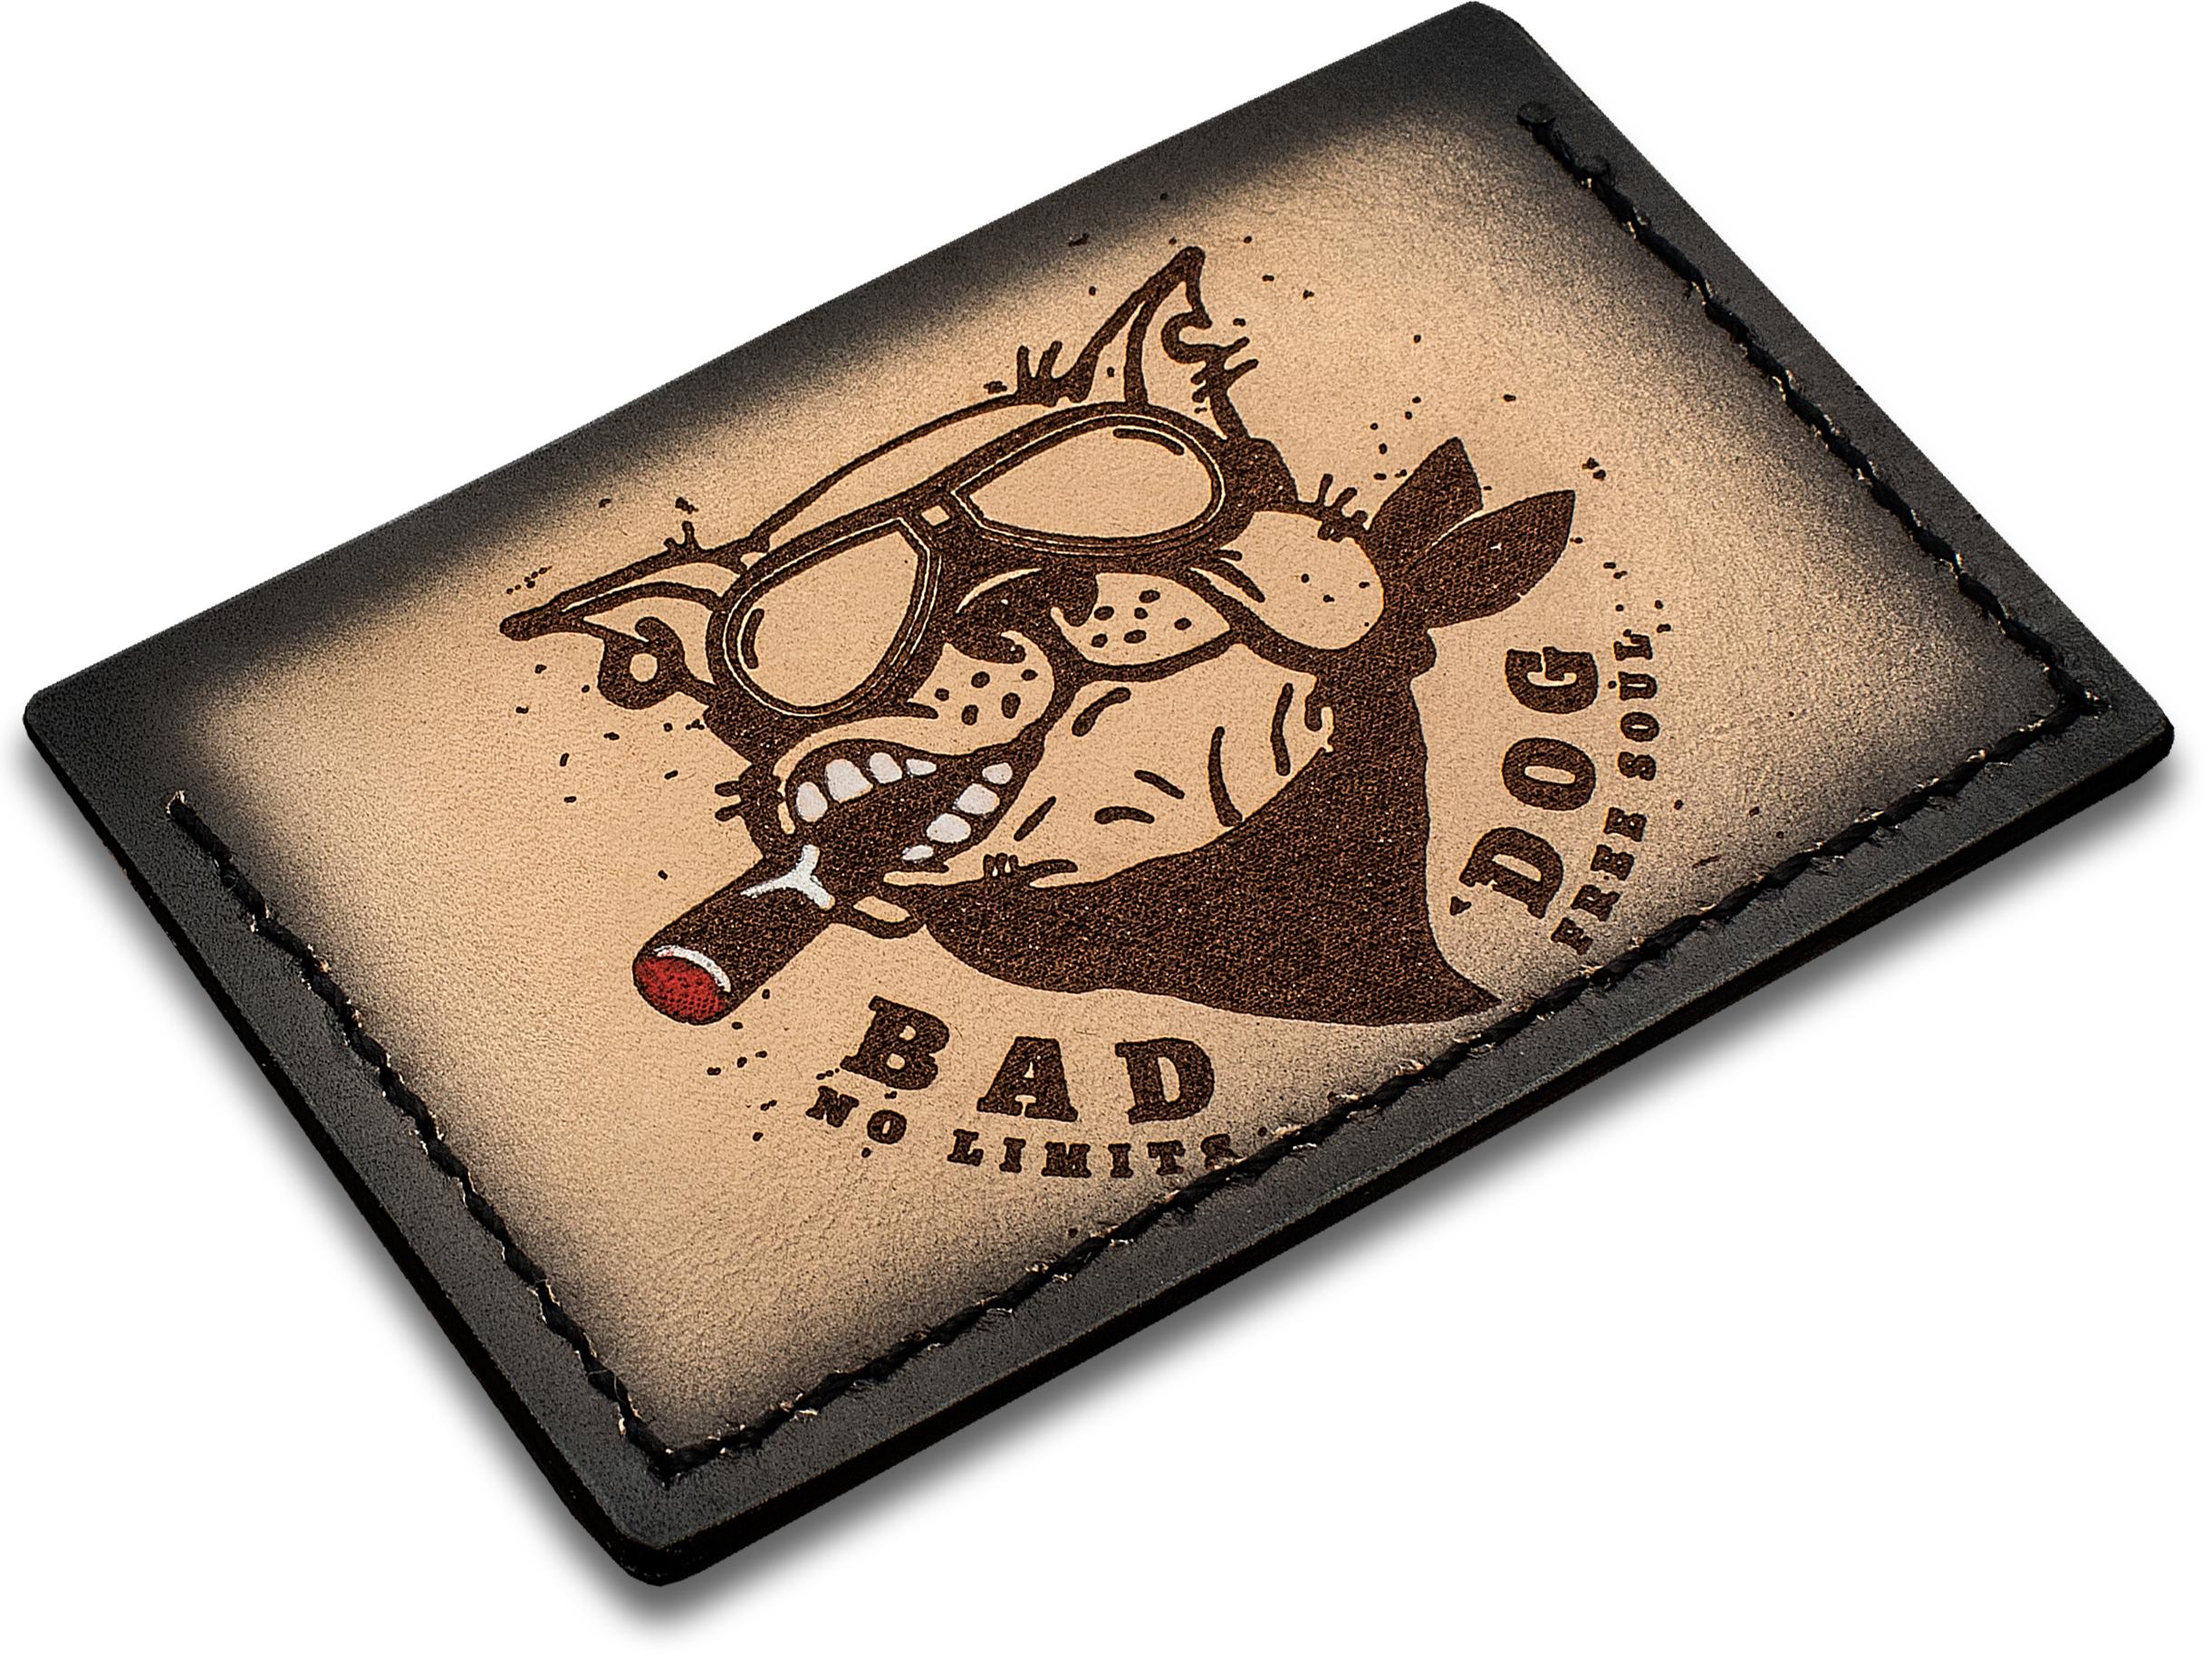 Sergey Rogovets Custom Leather Card Wallet, Bad Dog